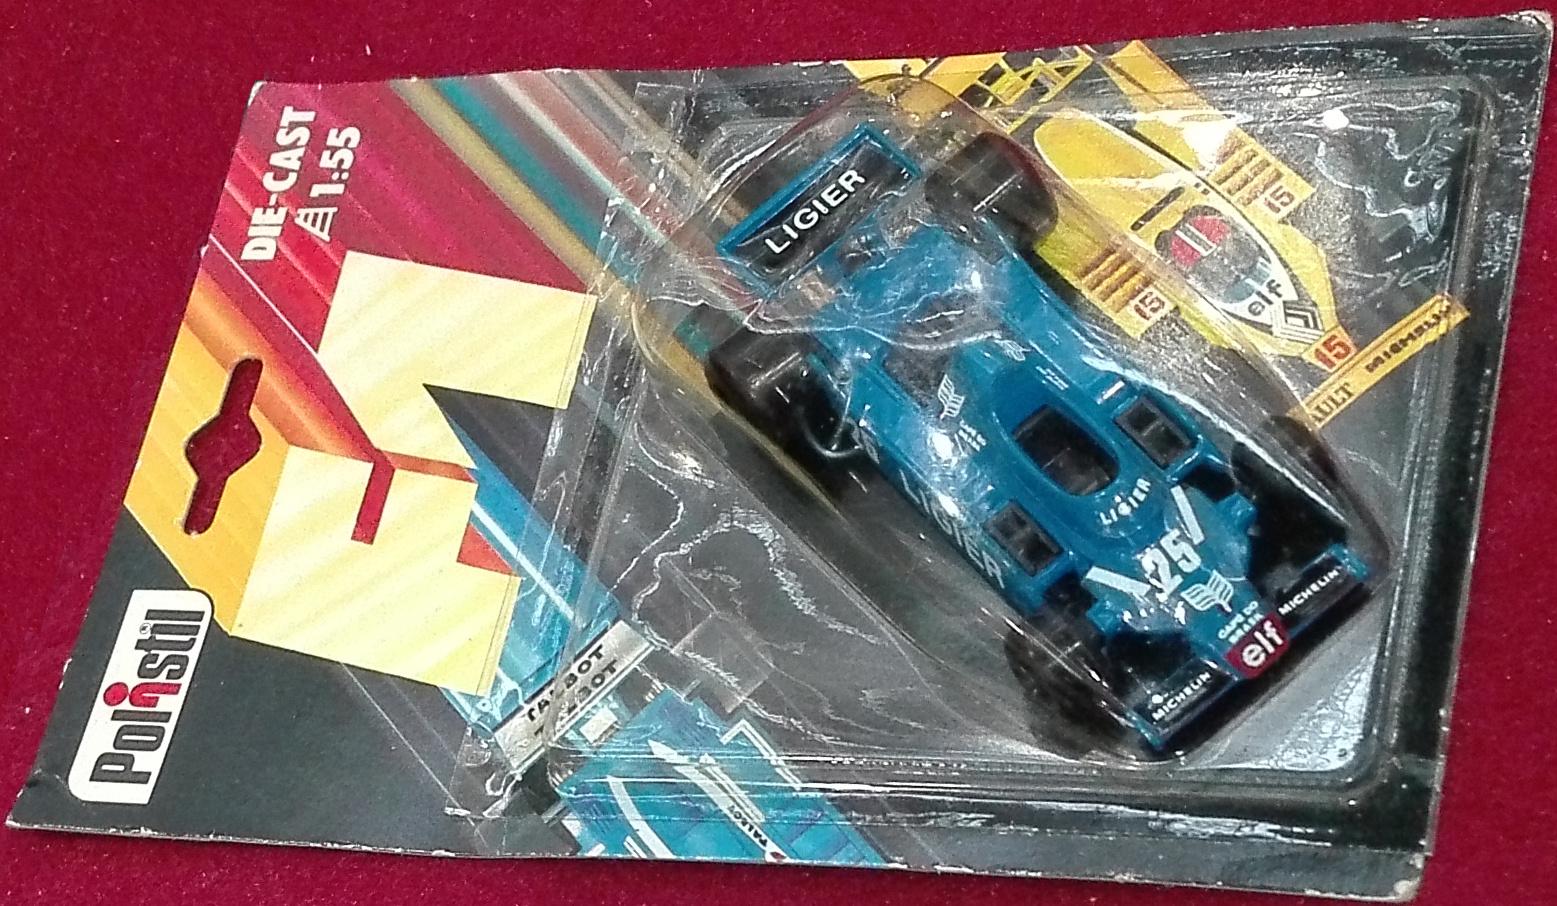 RN2, Ligier JS11 F1 con i colori del team Cafè do Brasil (cc-by-sa mia foto)